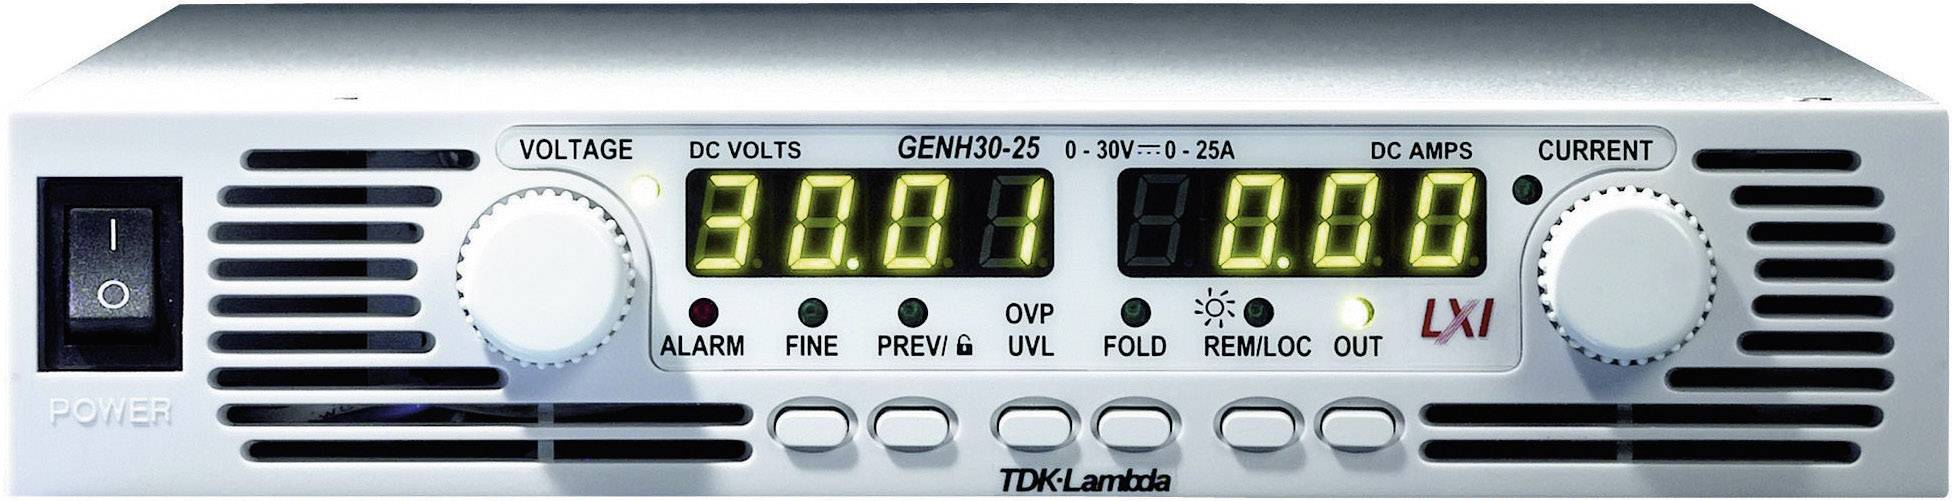 "19"" laboratórny zdroj s nastaviteľným napätím TDK-Lambda GENH-30-25/LN, 0 - 30 V/DC, 0 - 25 A"